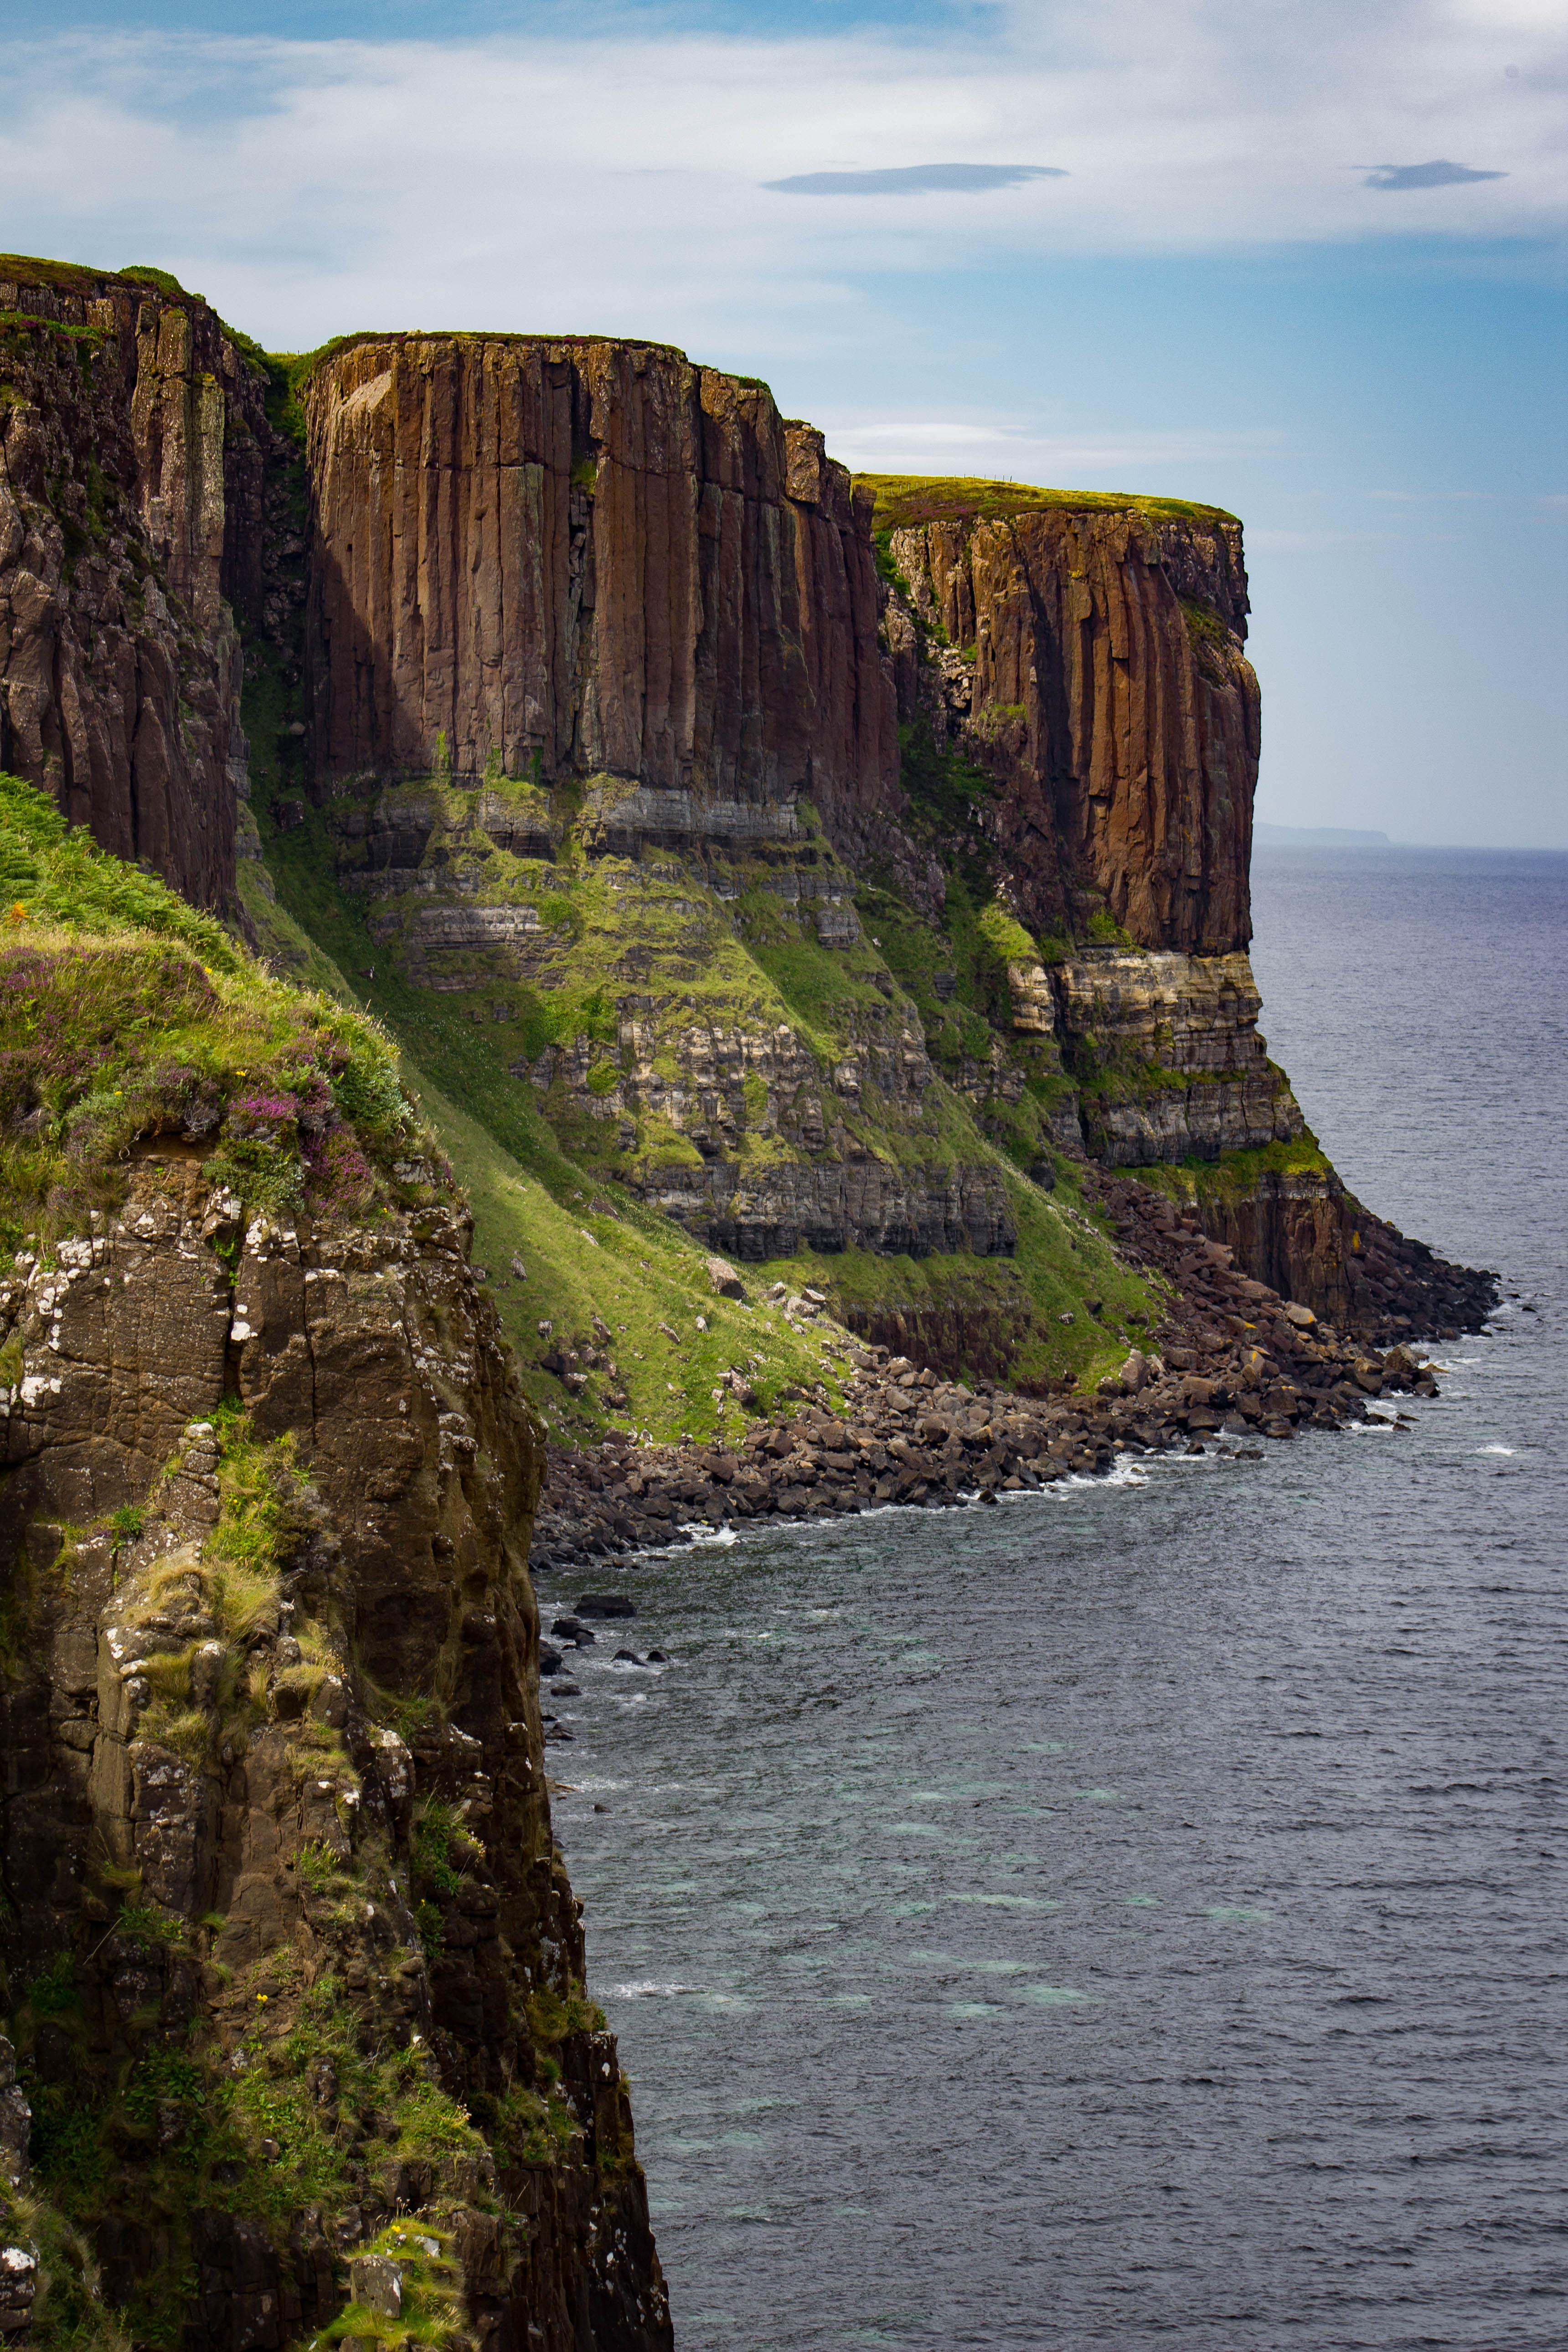 Los acantilados de Kilt Rock dibujan la silueta de una falda escocesa - Escocia Circuito Todo Escocia: de Glasgow a Fort William